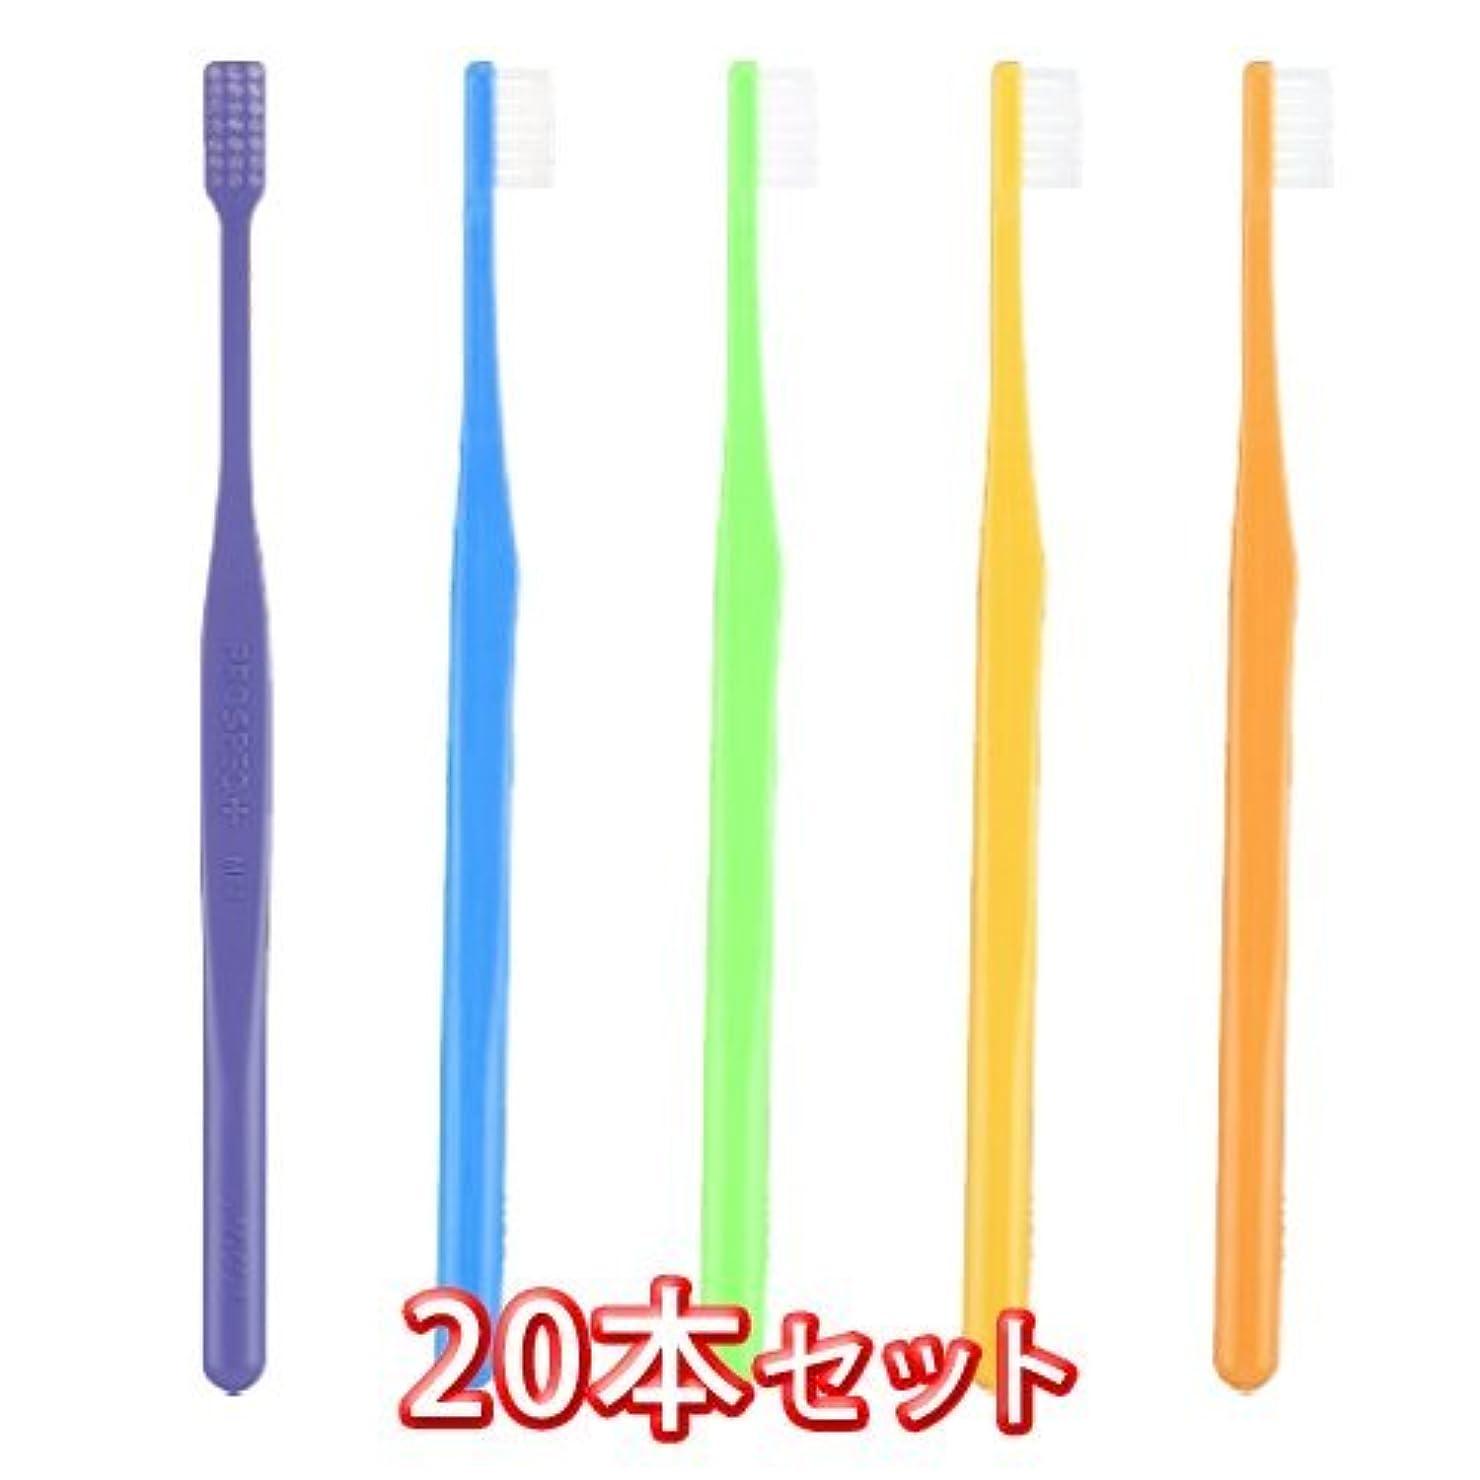 繁栄スツール誘発するプロスペック プラス ミニ歯ブラシ 20本入